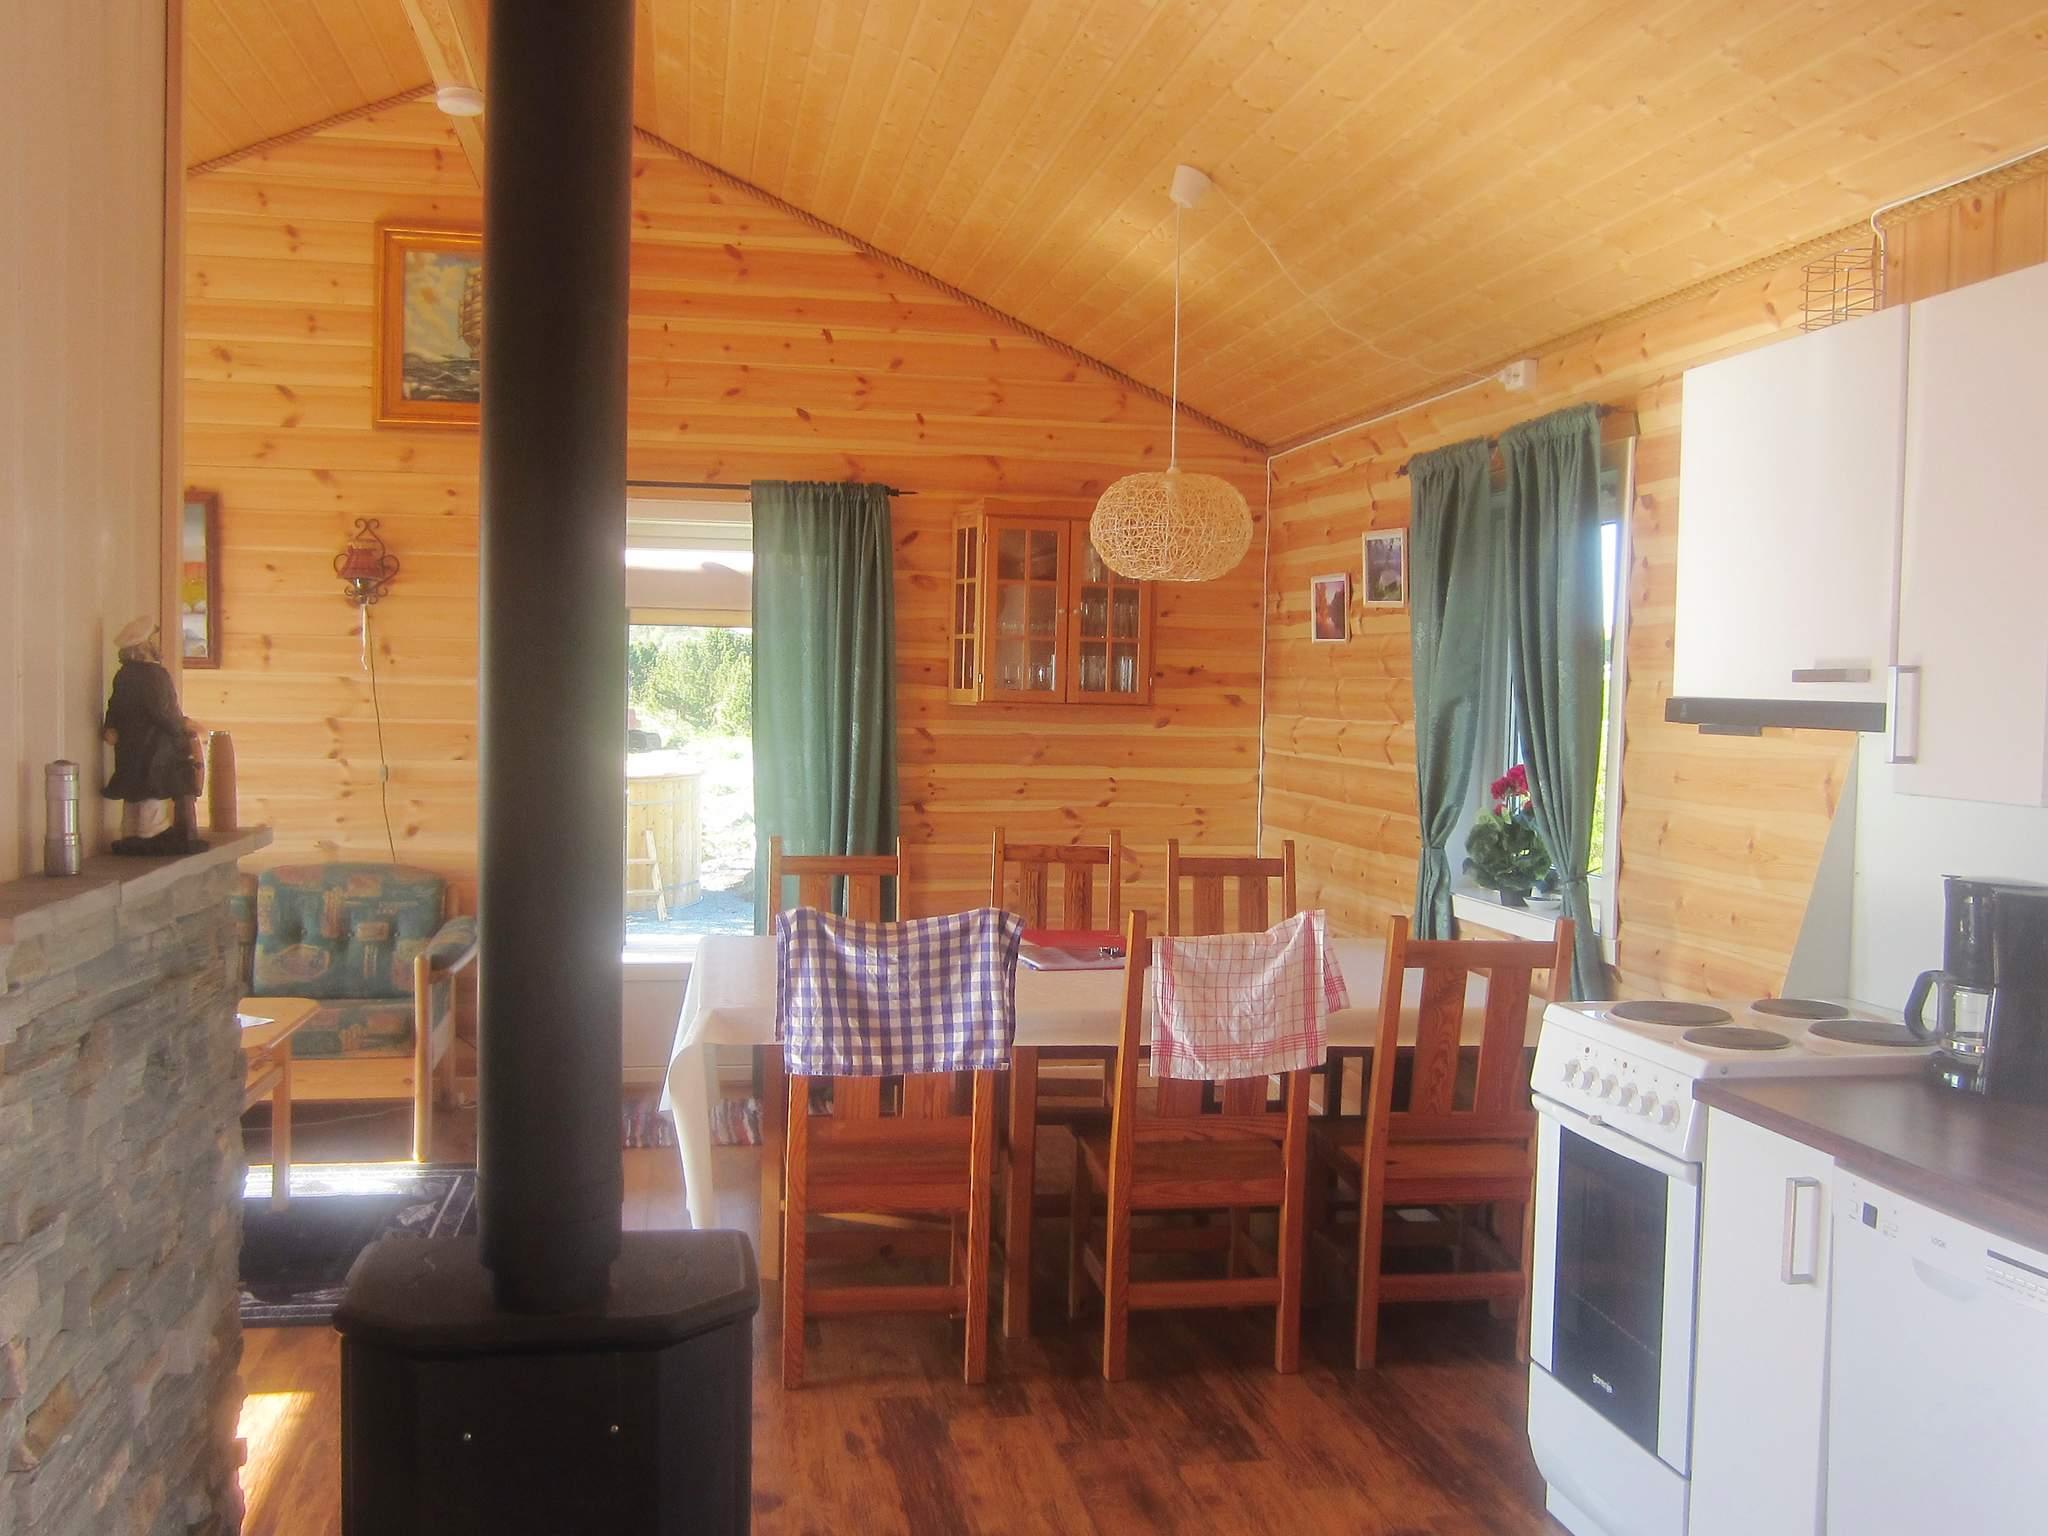 Ferienhaus Storfosna (500252), Storfosna, Tröndelag Süd - Trondheimfjord Süd, Mittelnorwegen, Norwegen, Bild 4